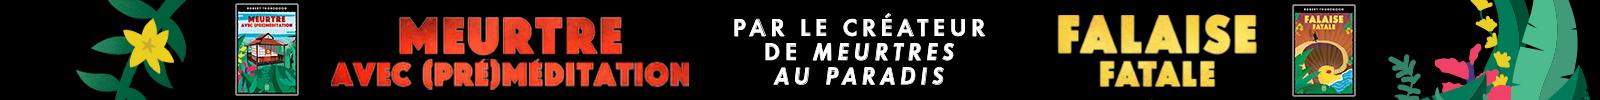 Mai 2021 - Meurtre avec preméditation & falaise fatale